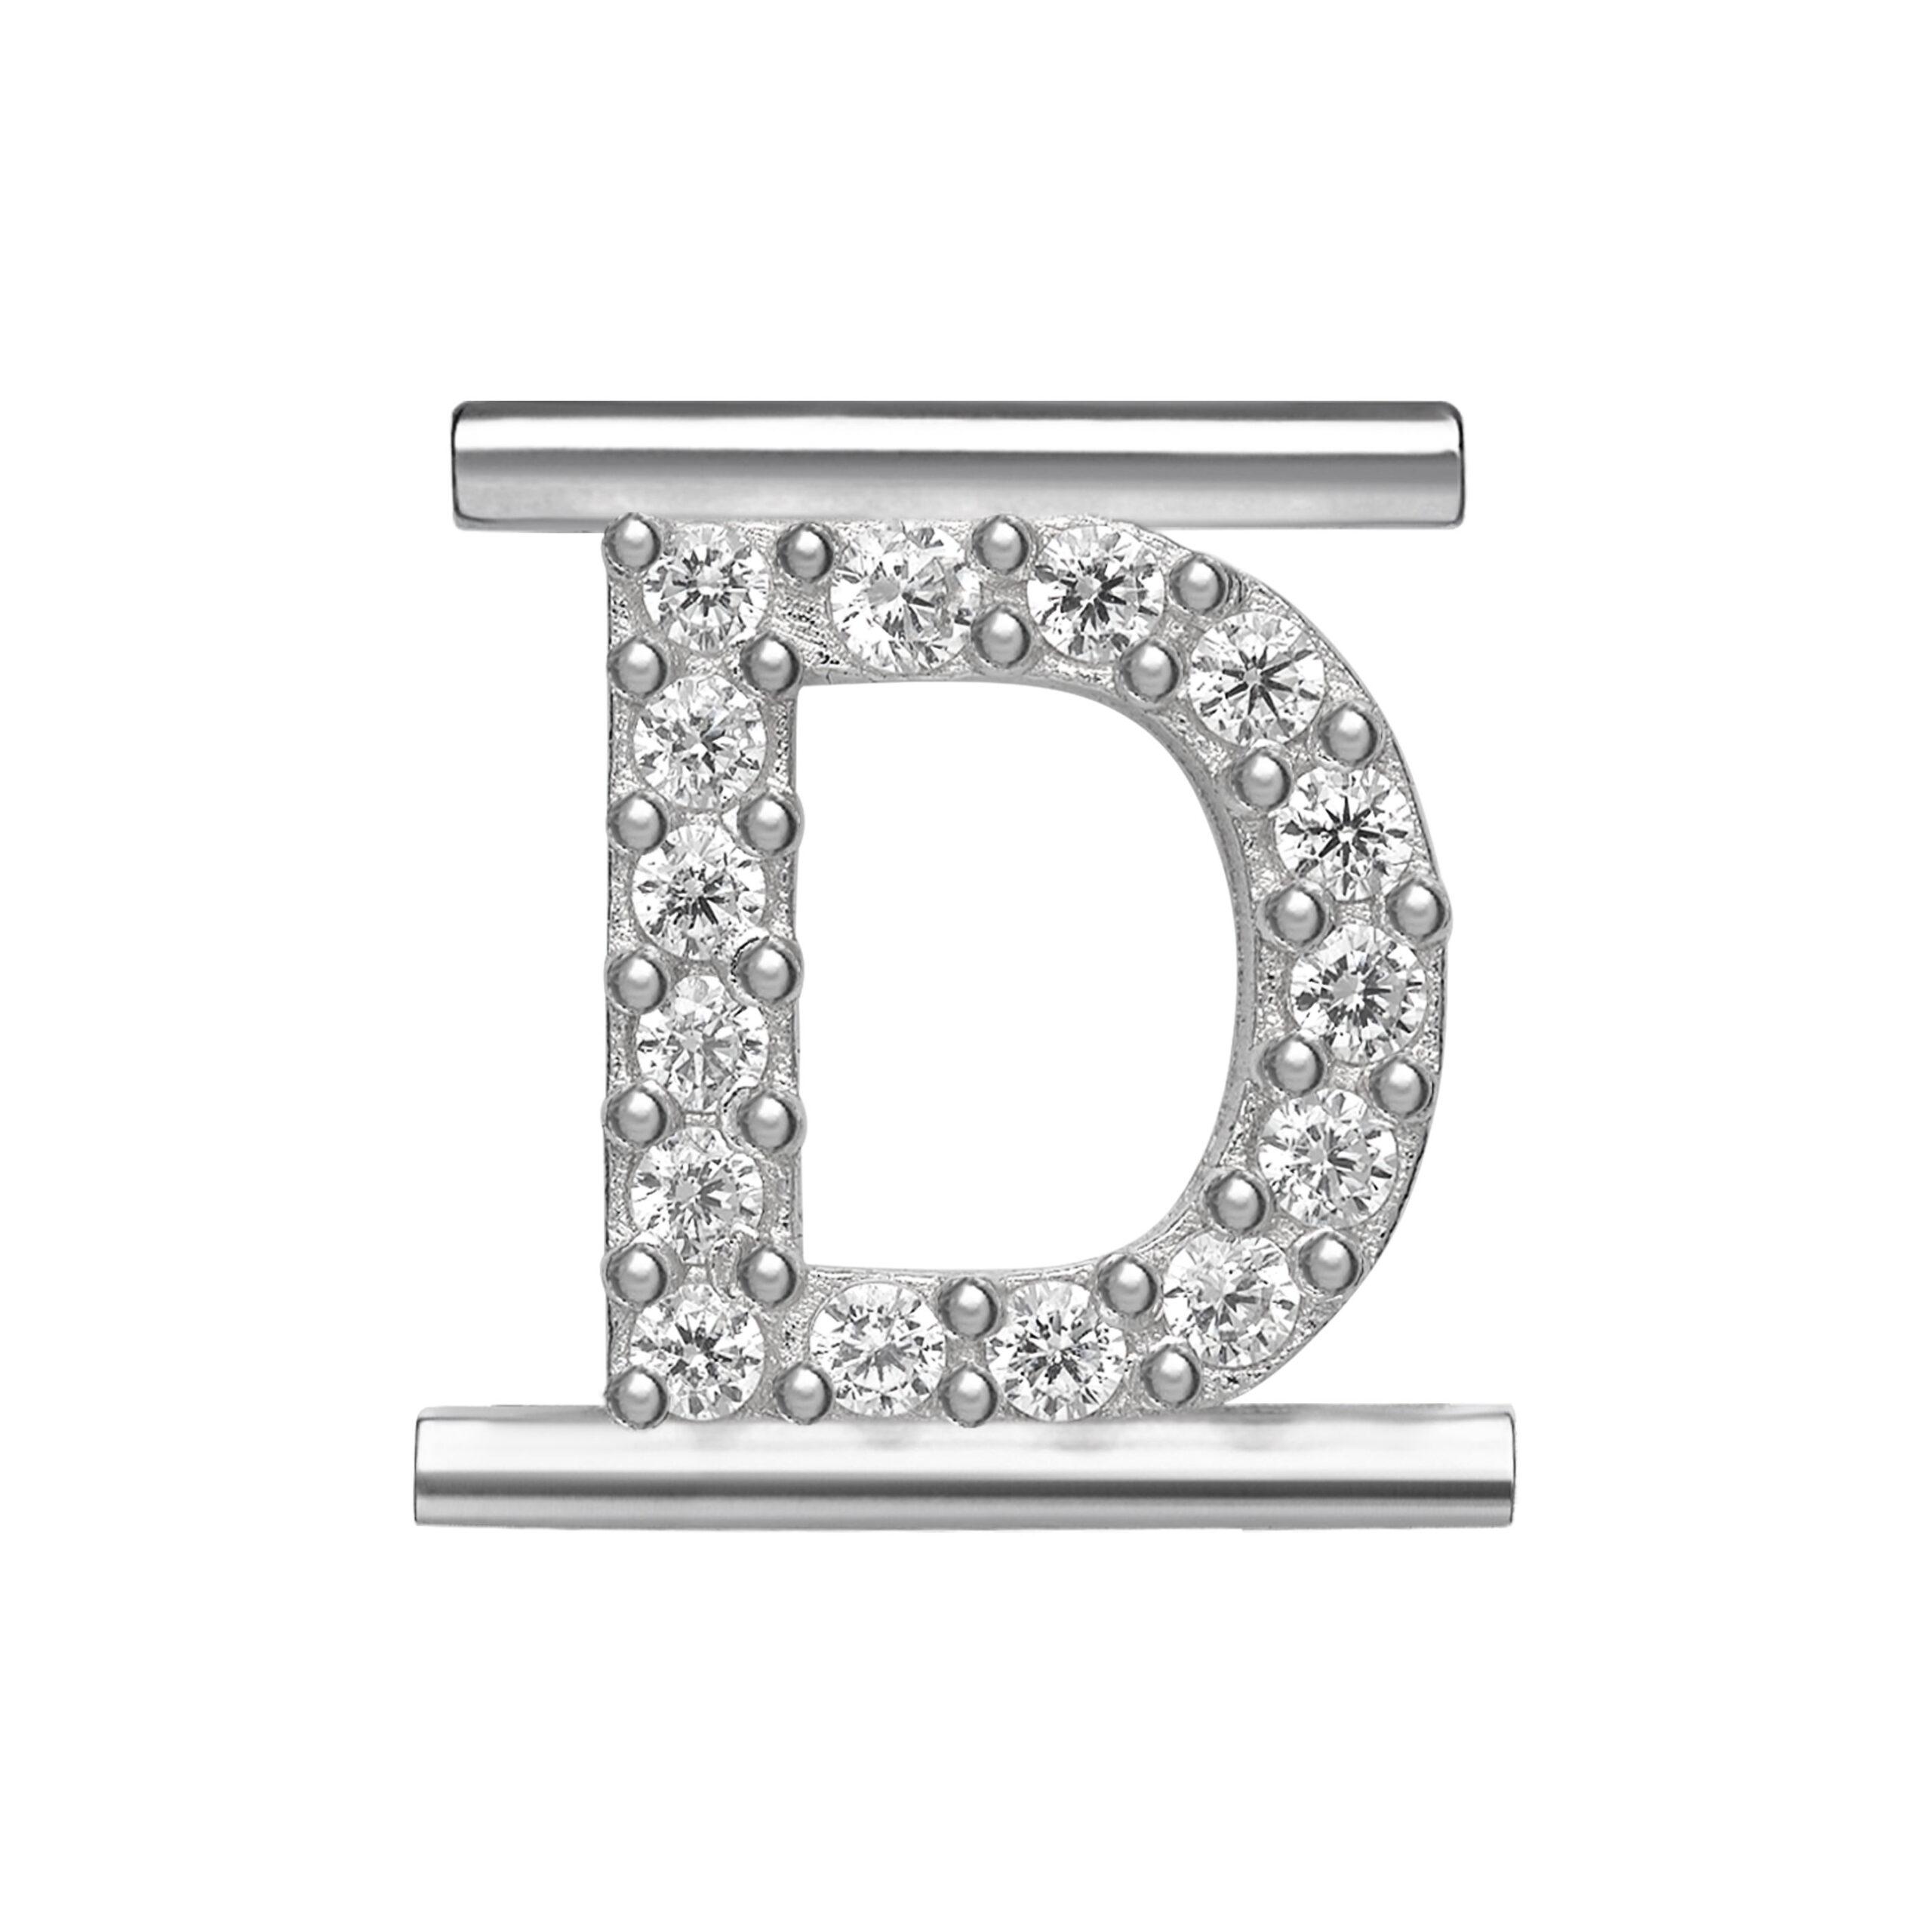 ELEONORA GIORDANI Argento Elementi D